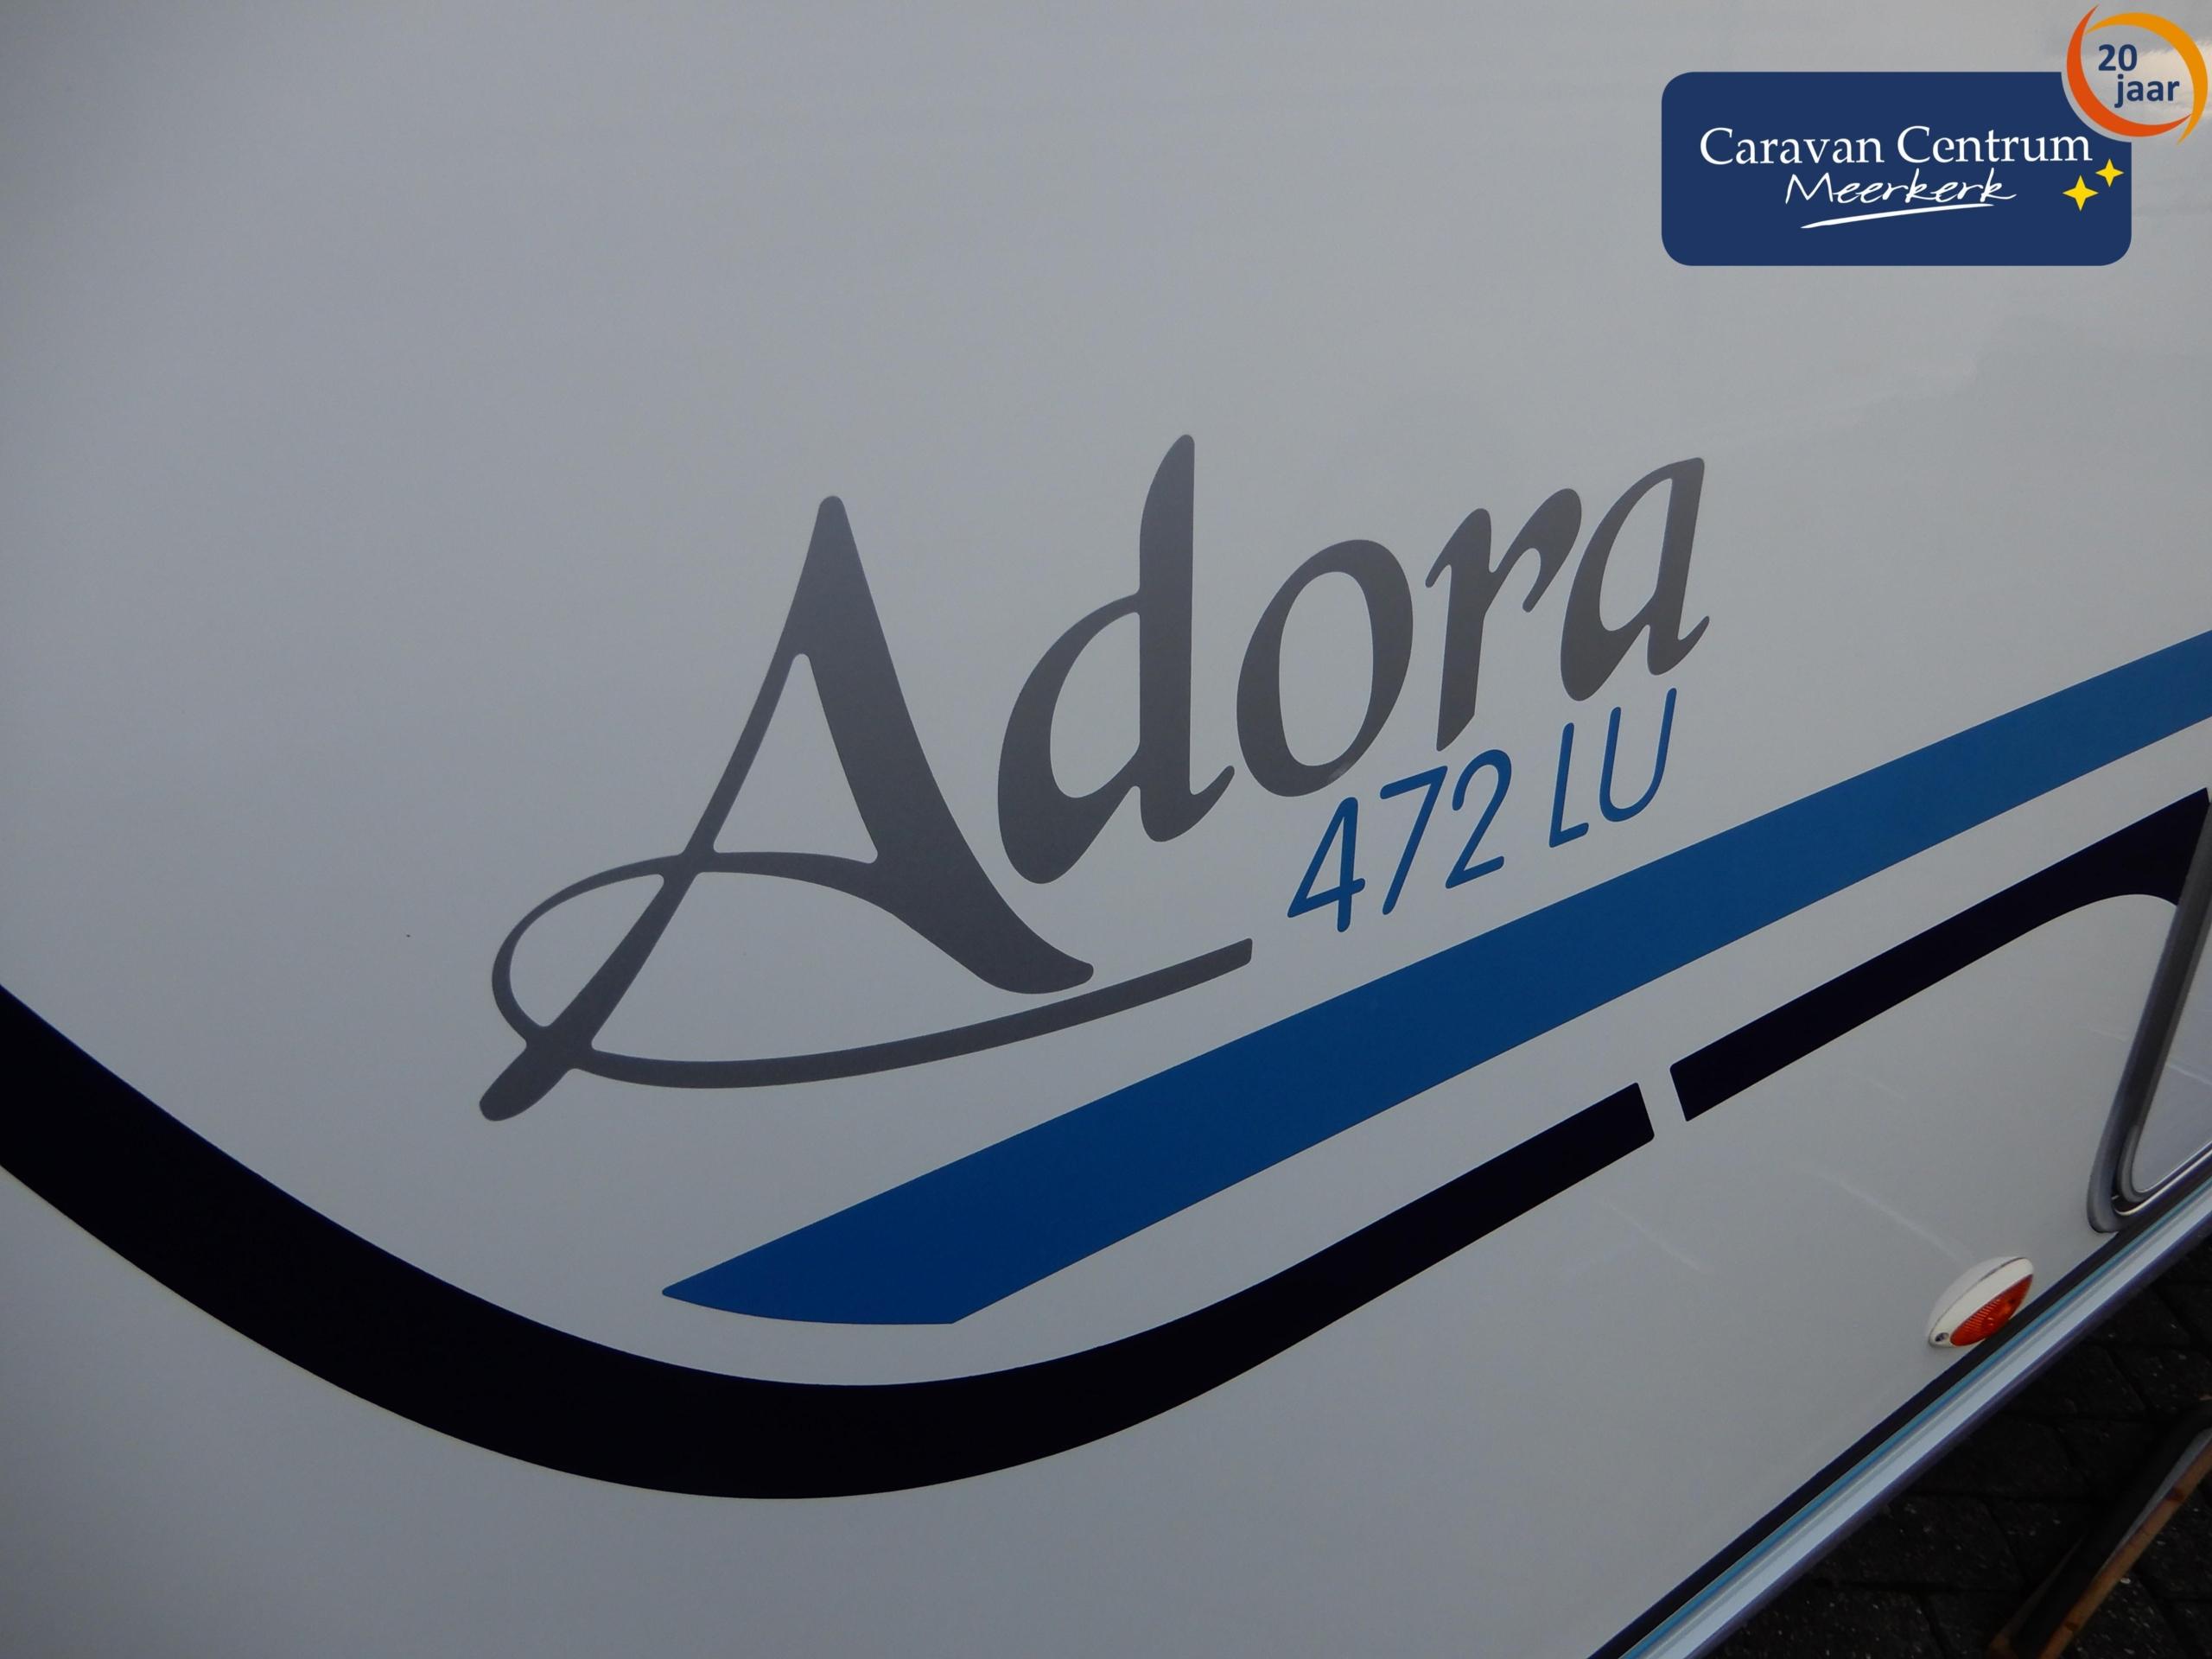 Foto van Adria Adora 472 LU + Mover + Voortent